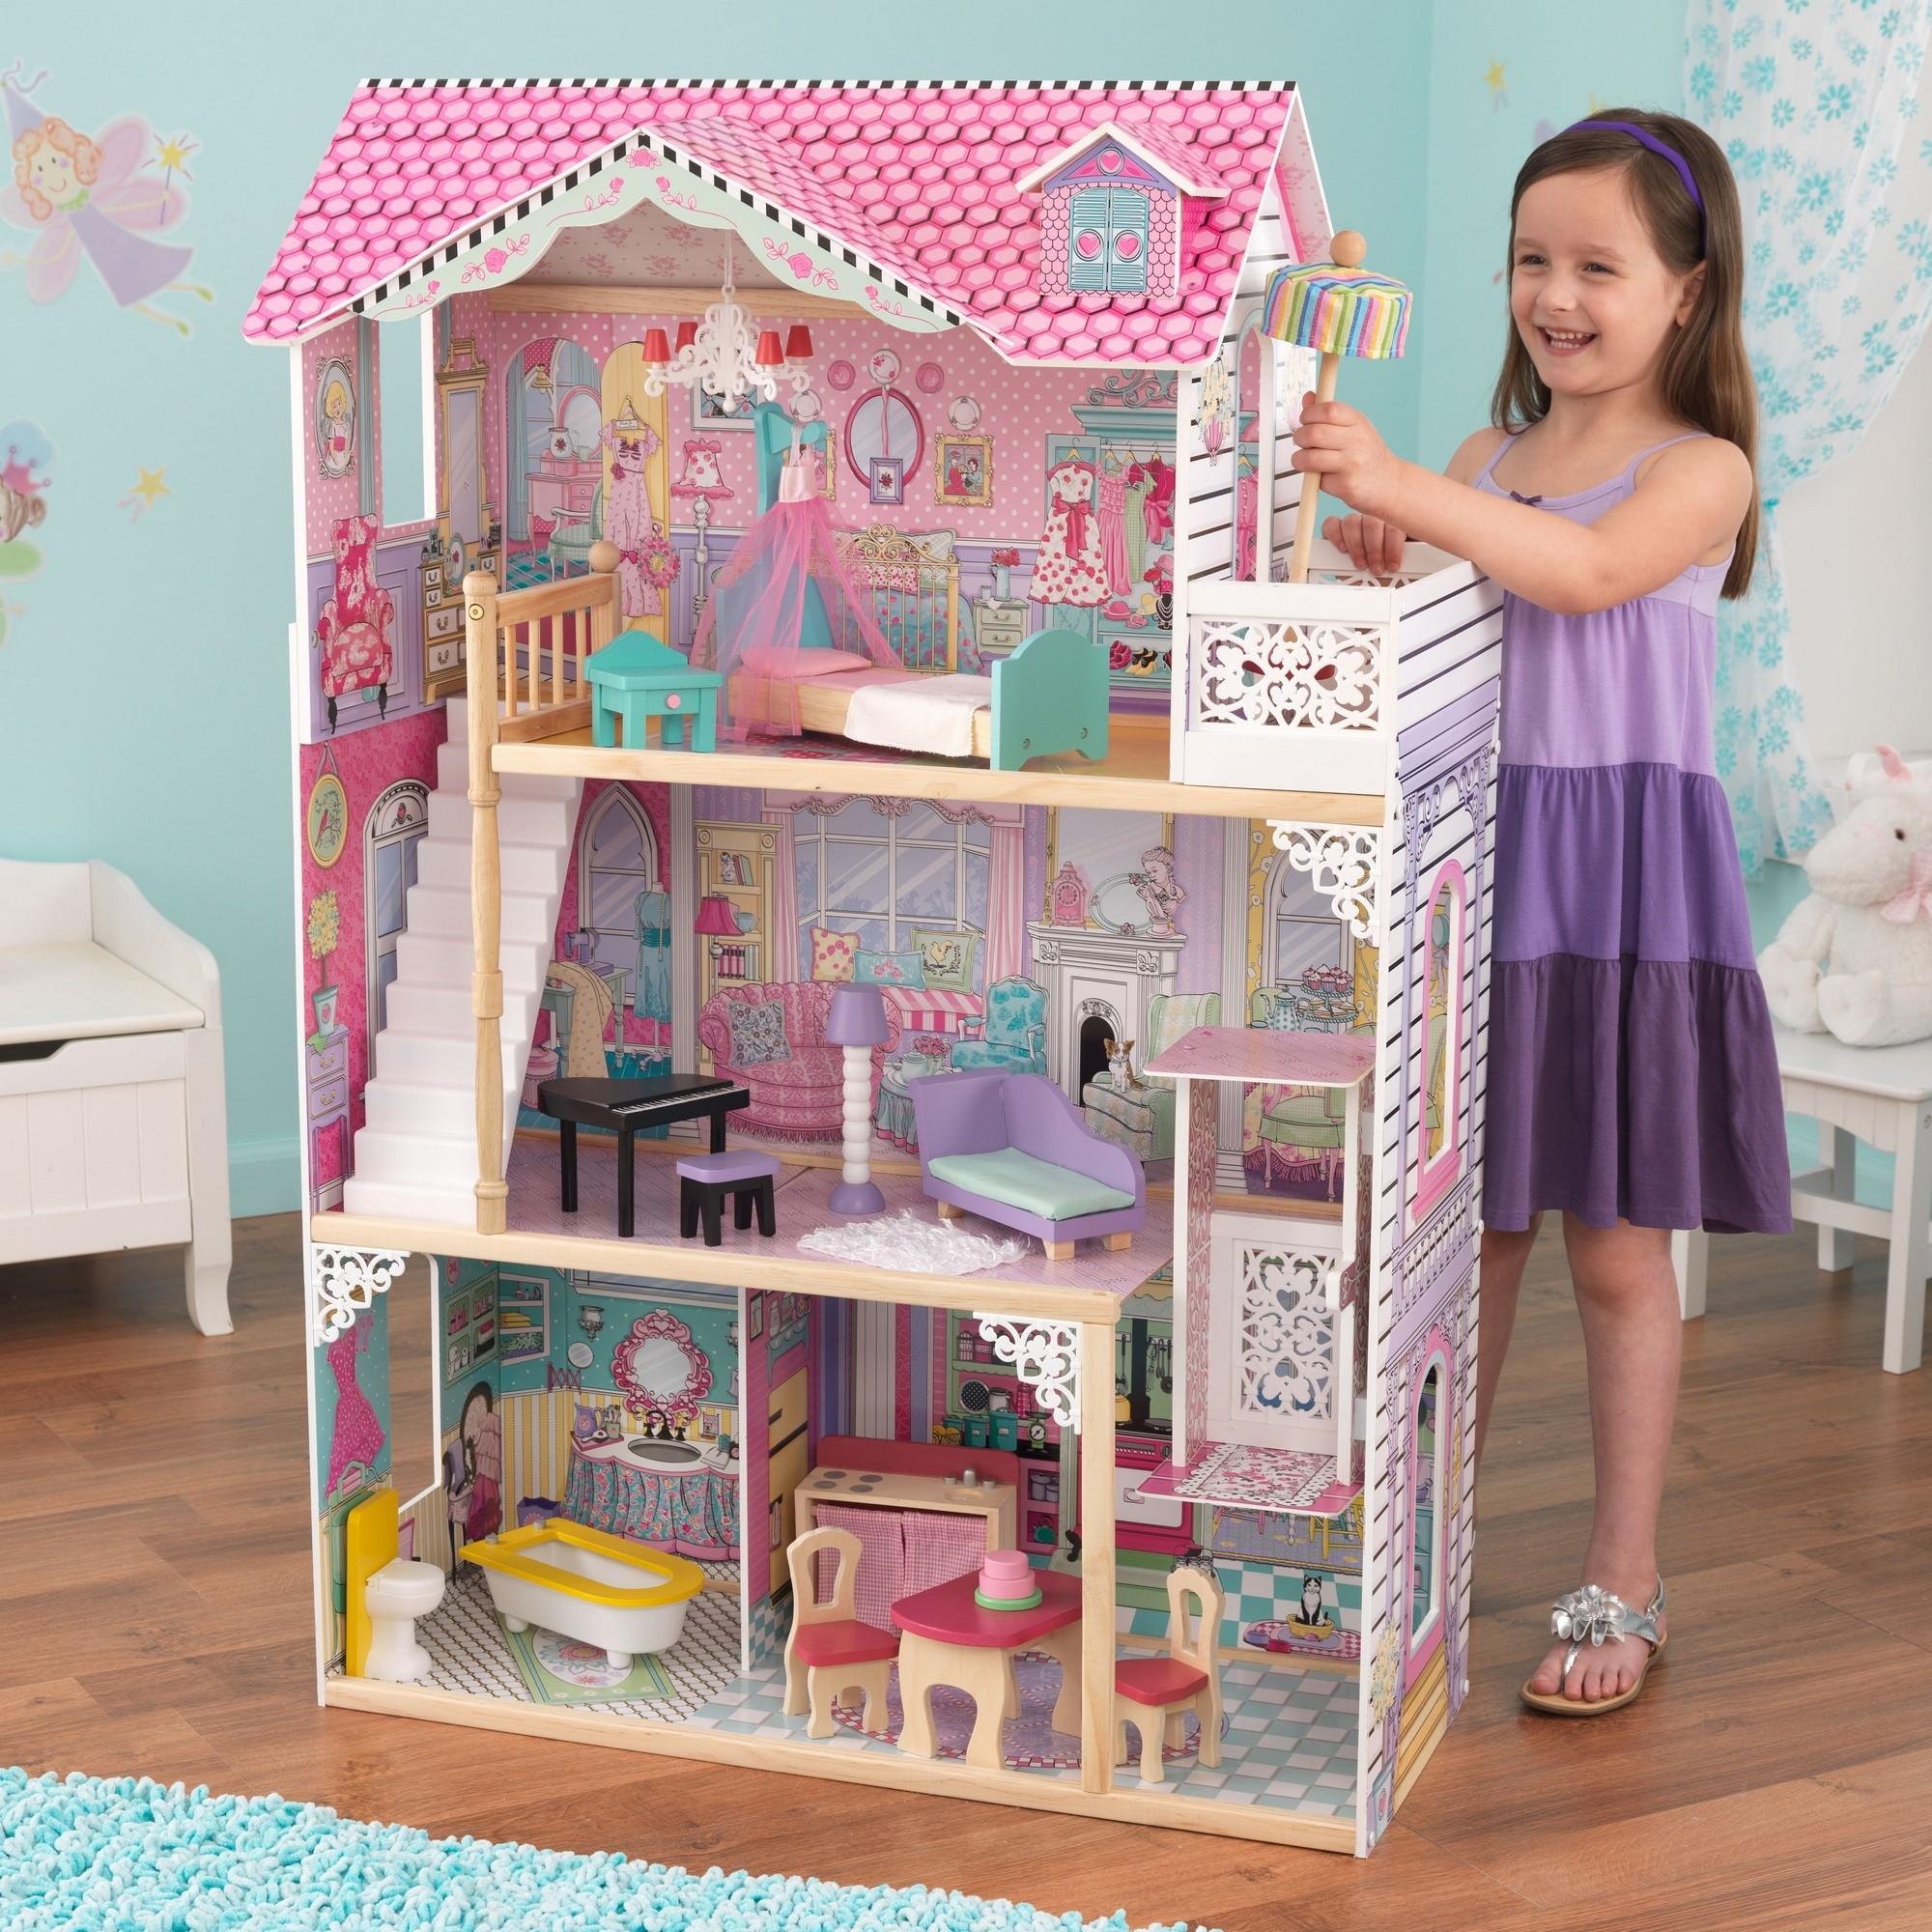 Kidkraft Annabelle Doll House